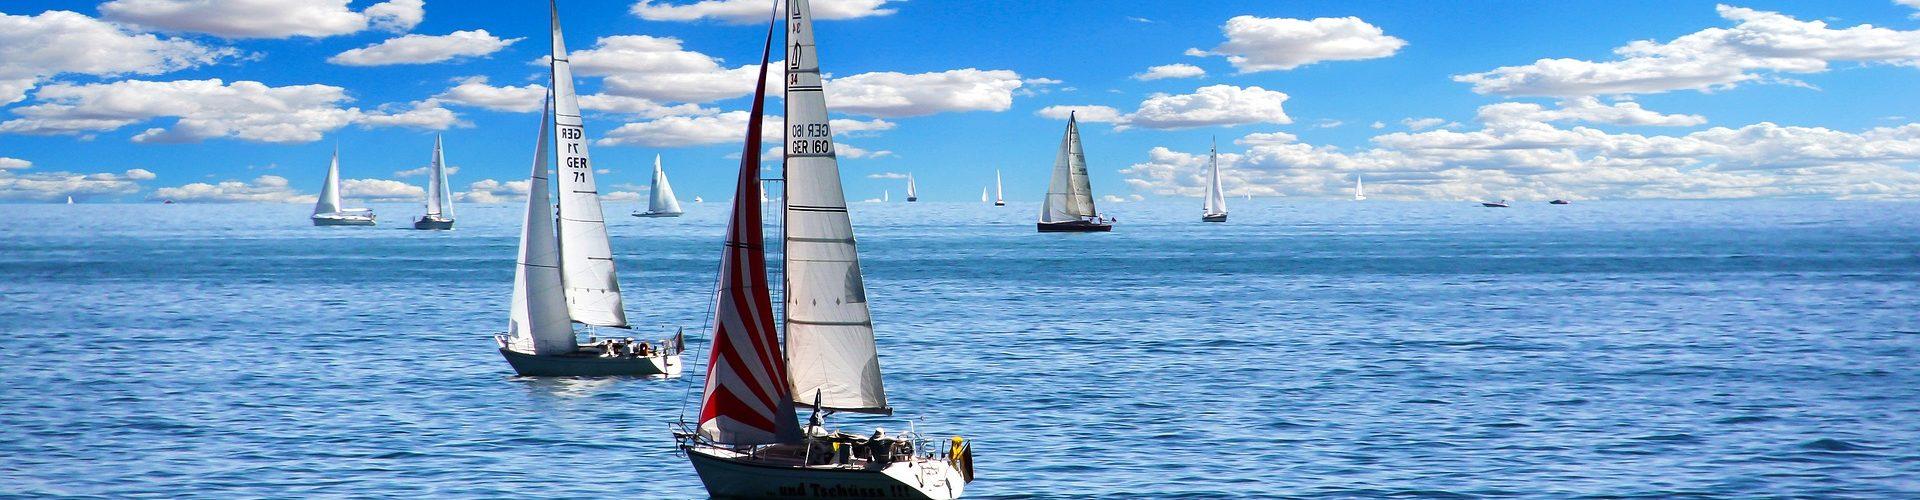 segeln lernen in Lychen segelschein machen in Lychen 1920x500 - Segeln lernen in Lychen